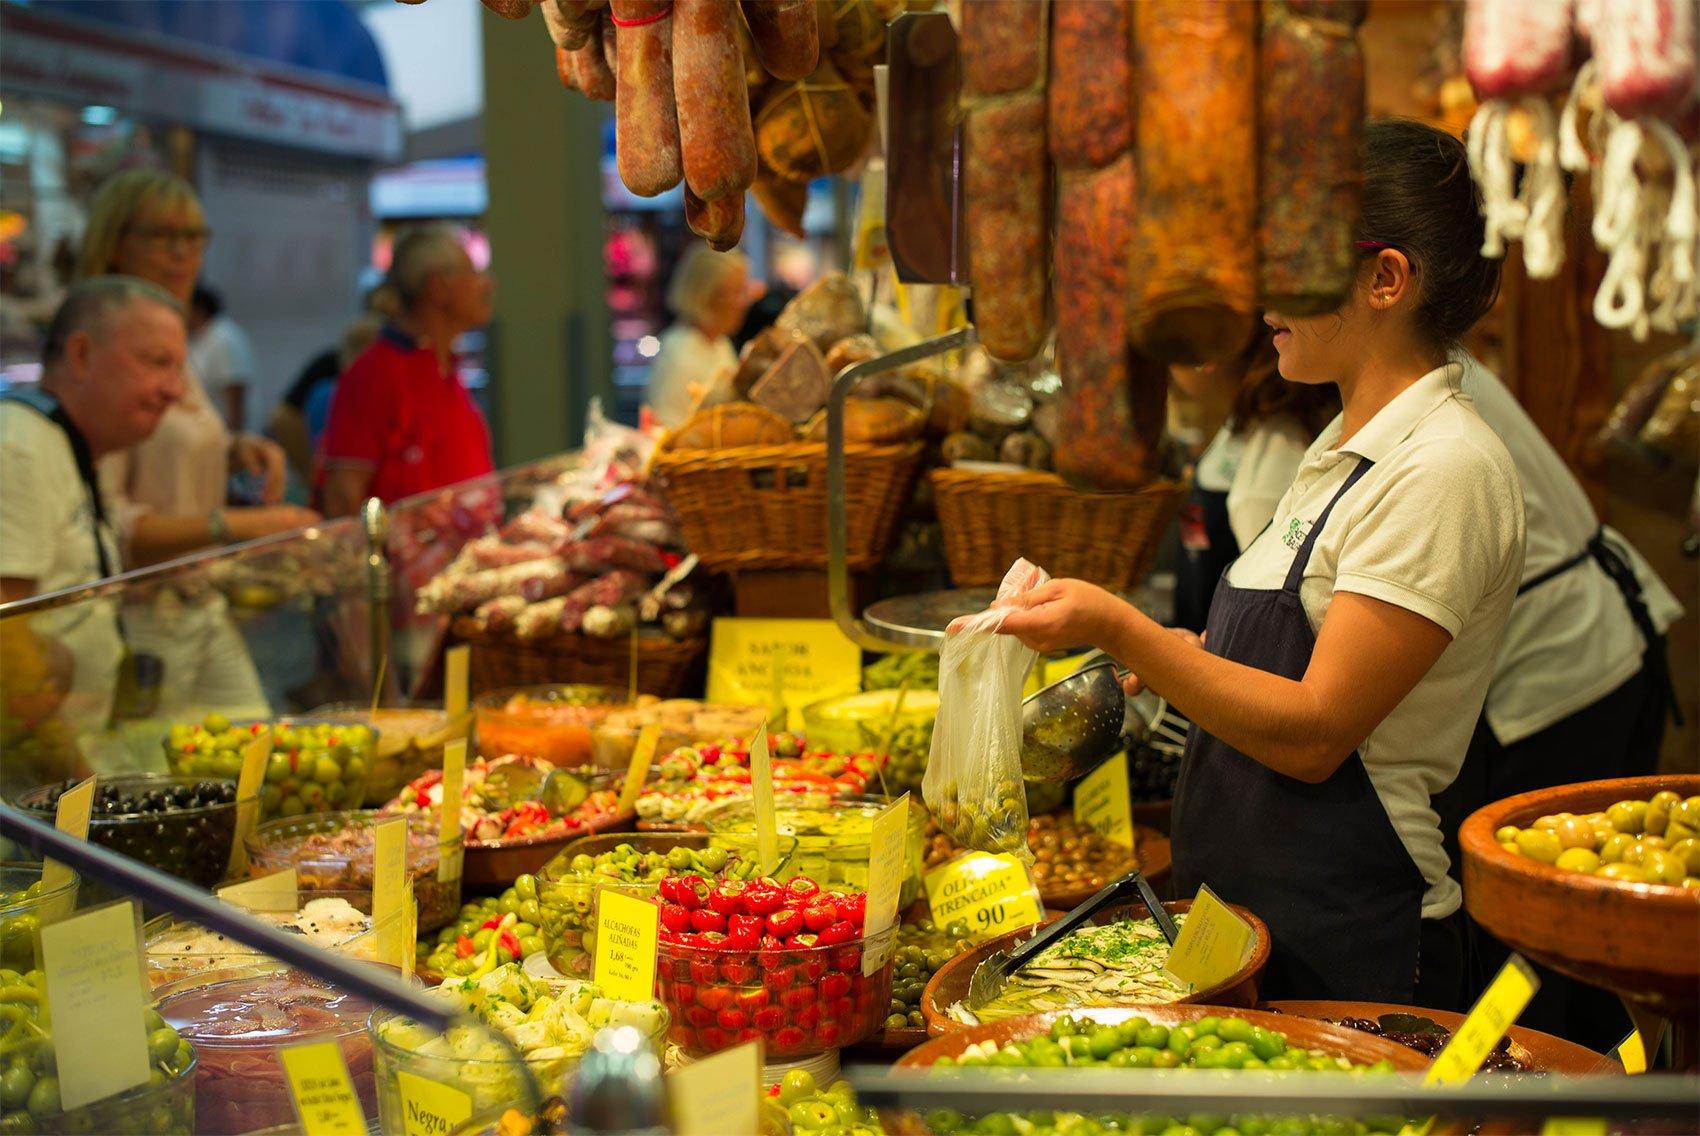 Tapasstand auf dem Markt in Palma